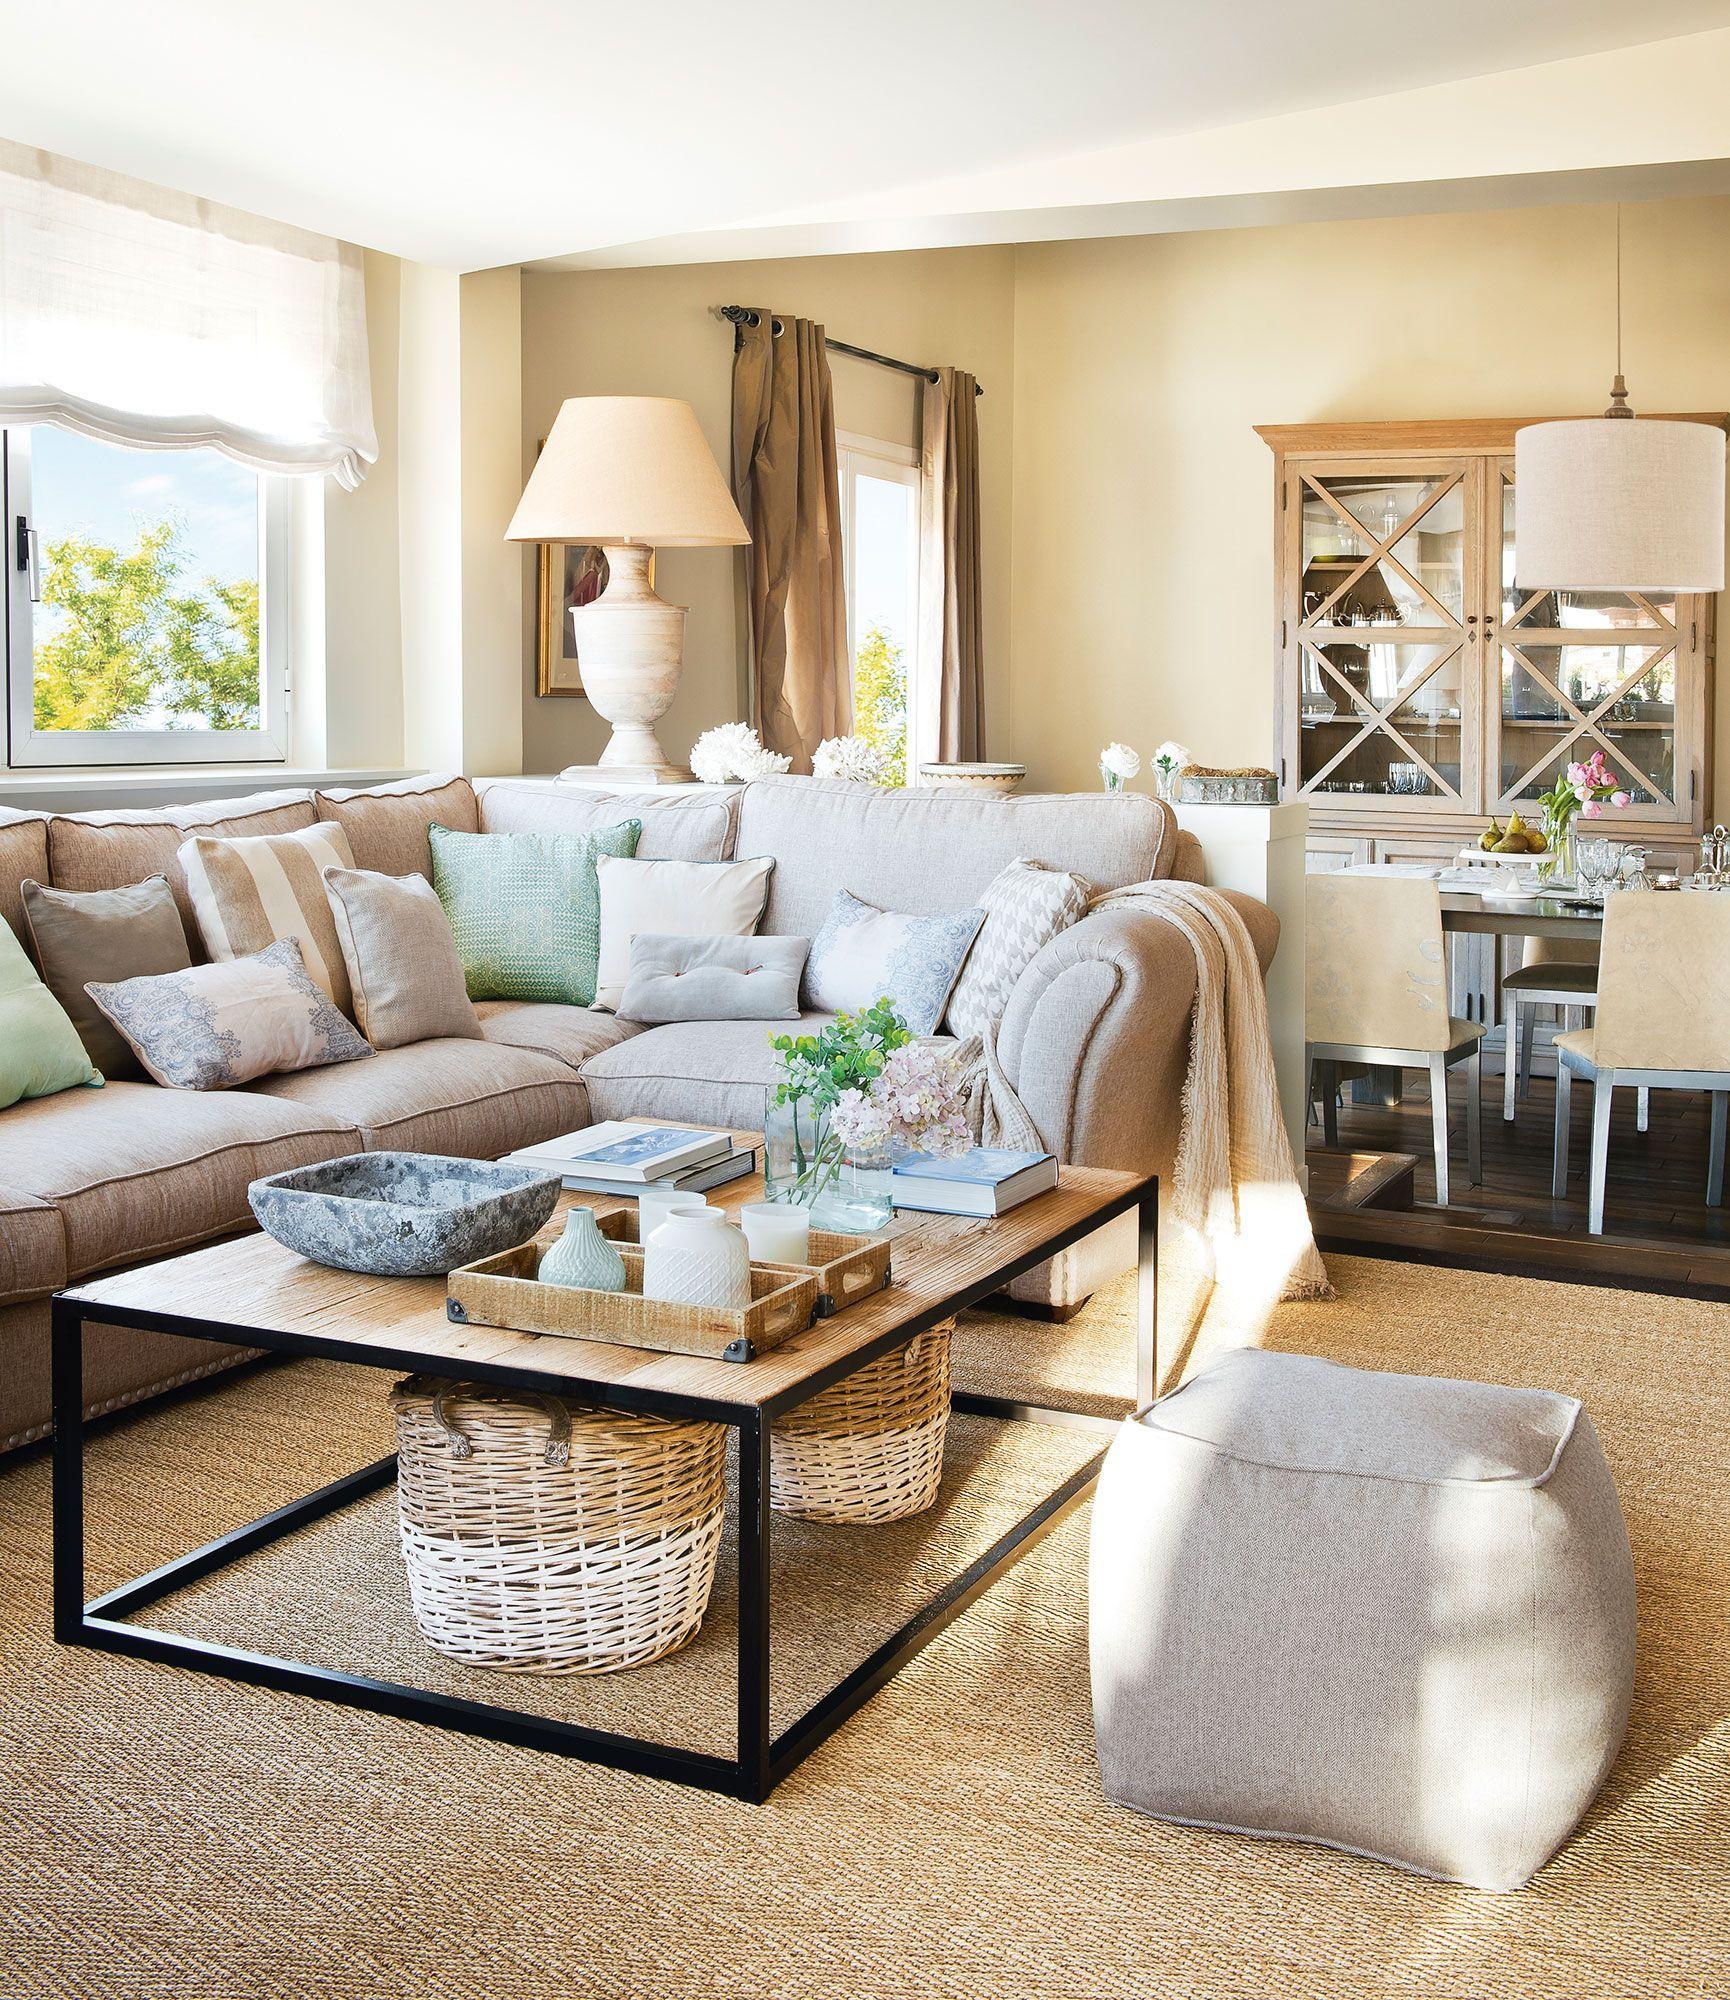 20 salones ideales: ideas de decoradora para tener un salón